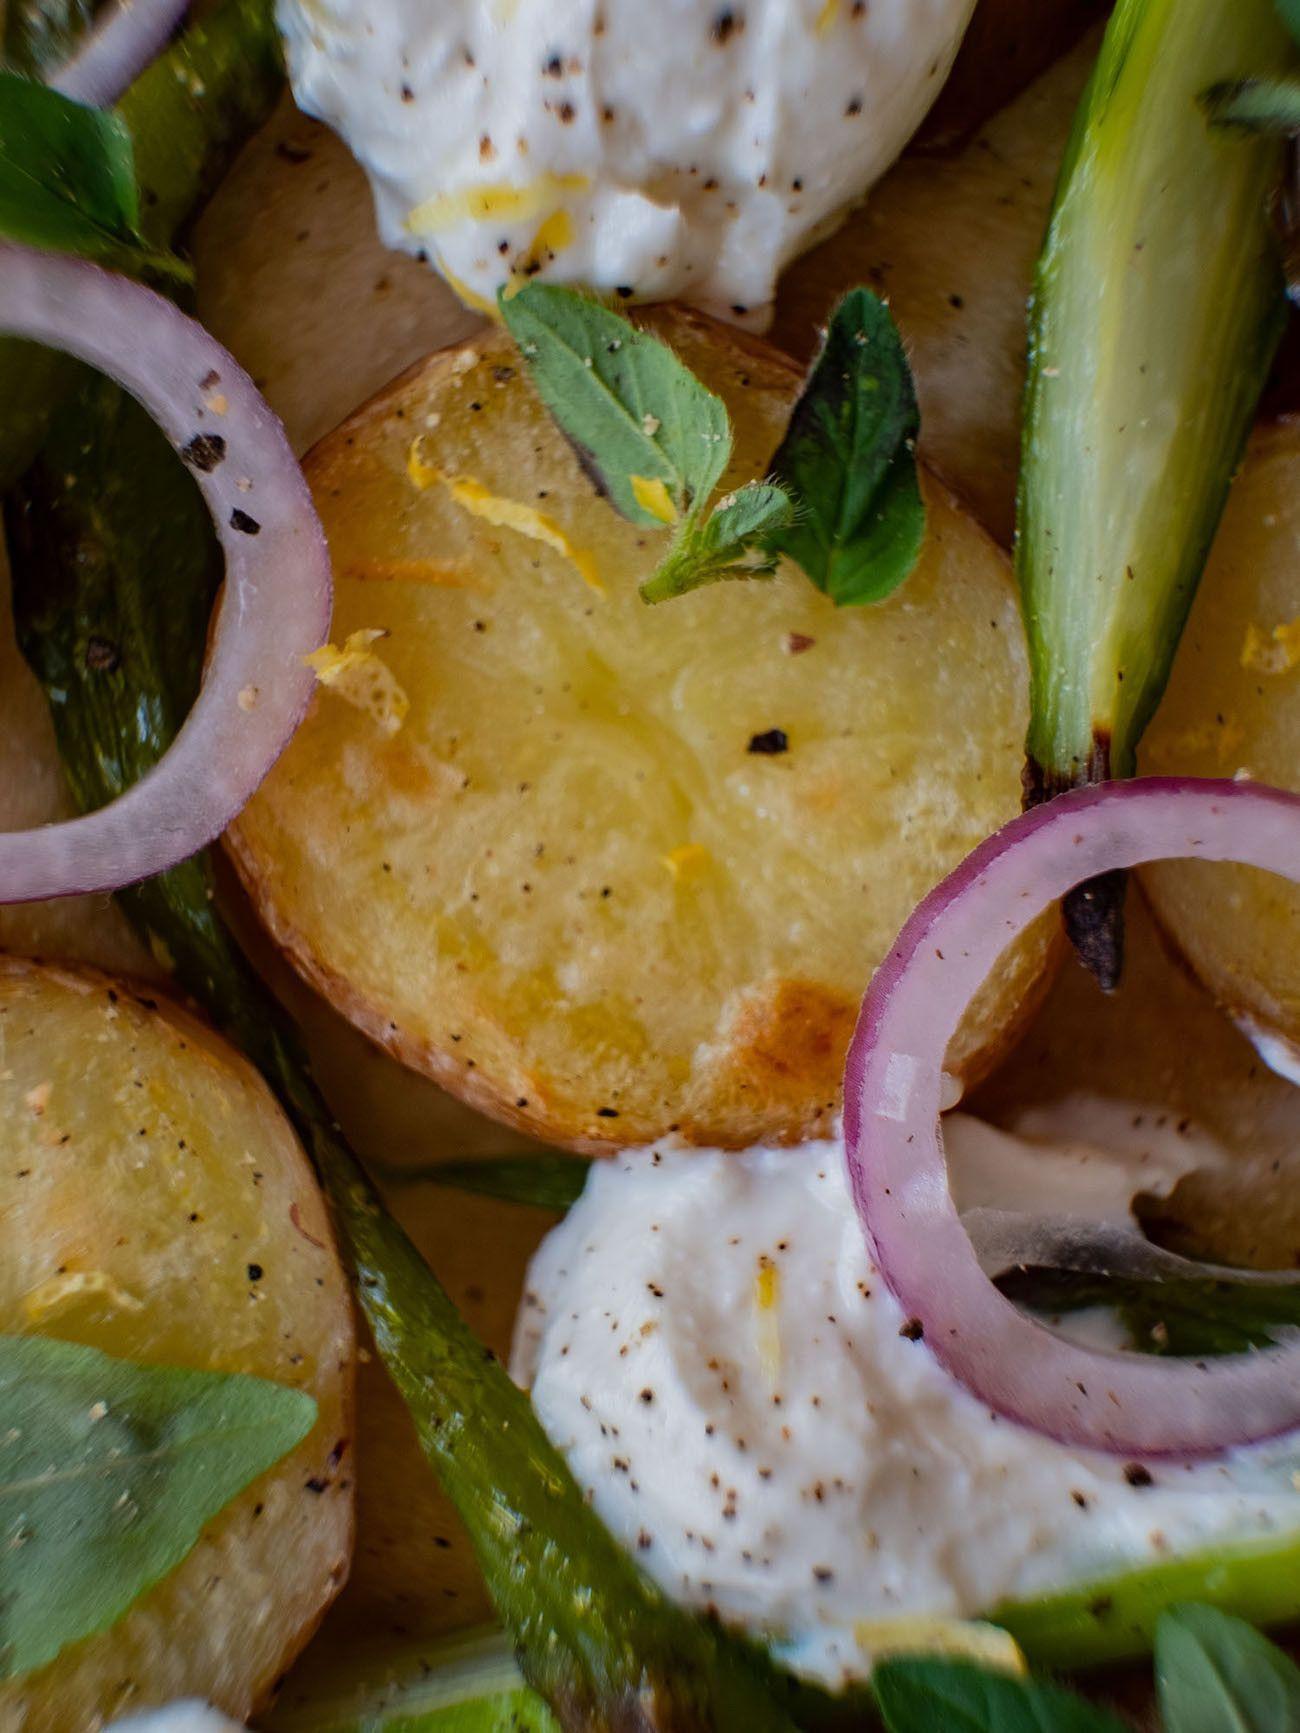 Foodblog About Fuel, Rezept Frühlingspizza mit grünerm Spargel, Frühkartoffeln und Ricotta, Basilikum, Pfeffer, rote Zwiebel